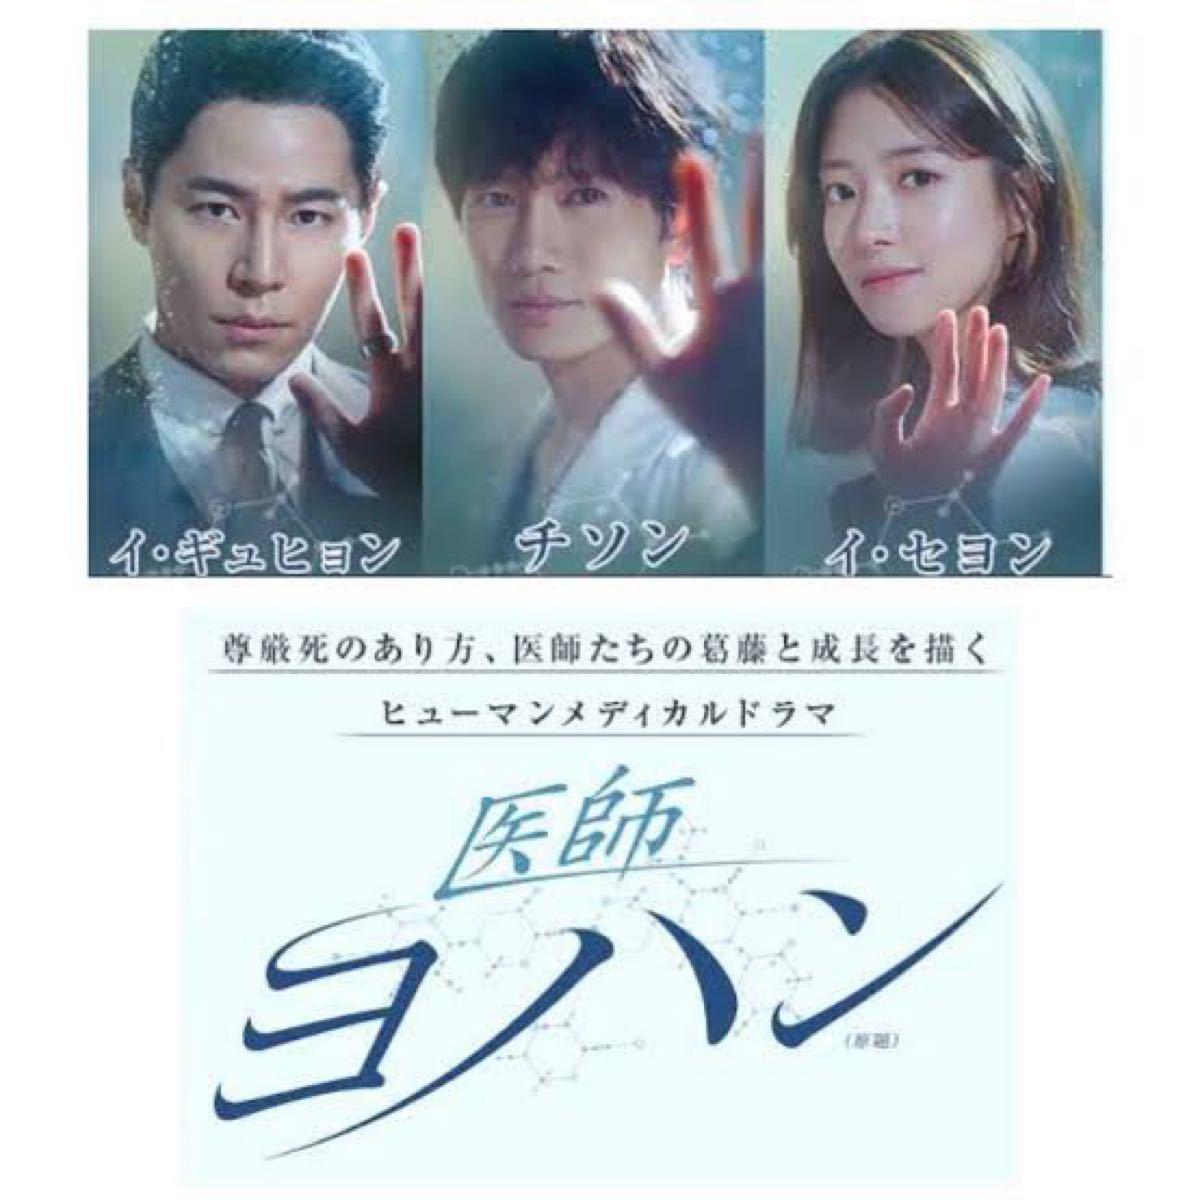 韓国ドラマ 医師ヨハン DVD『レーベル印刷有り』全話